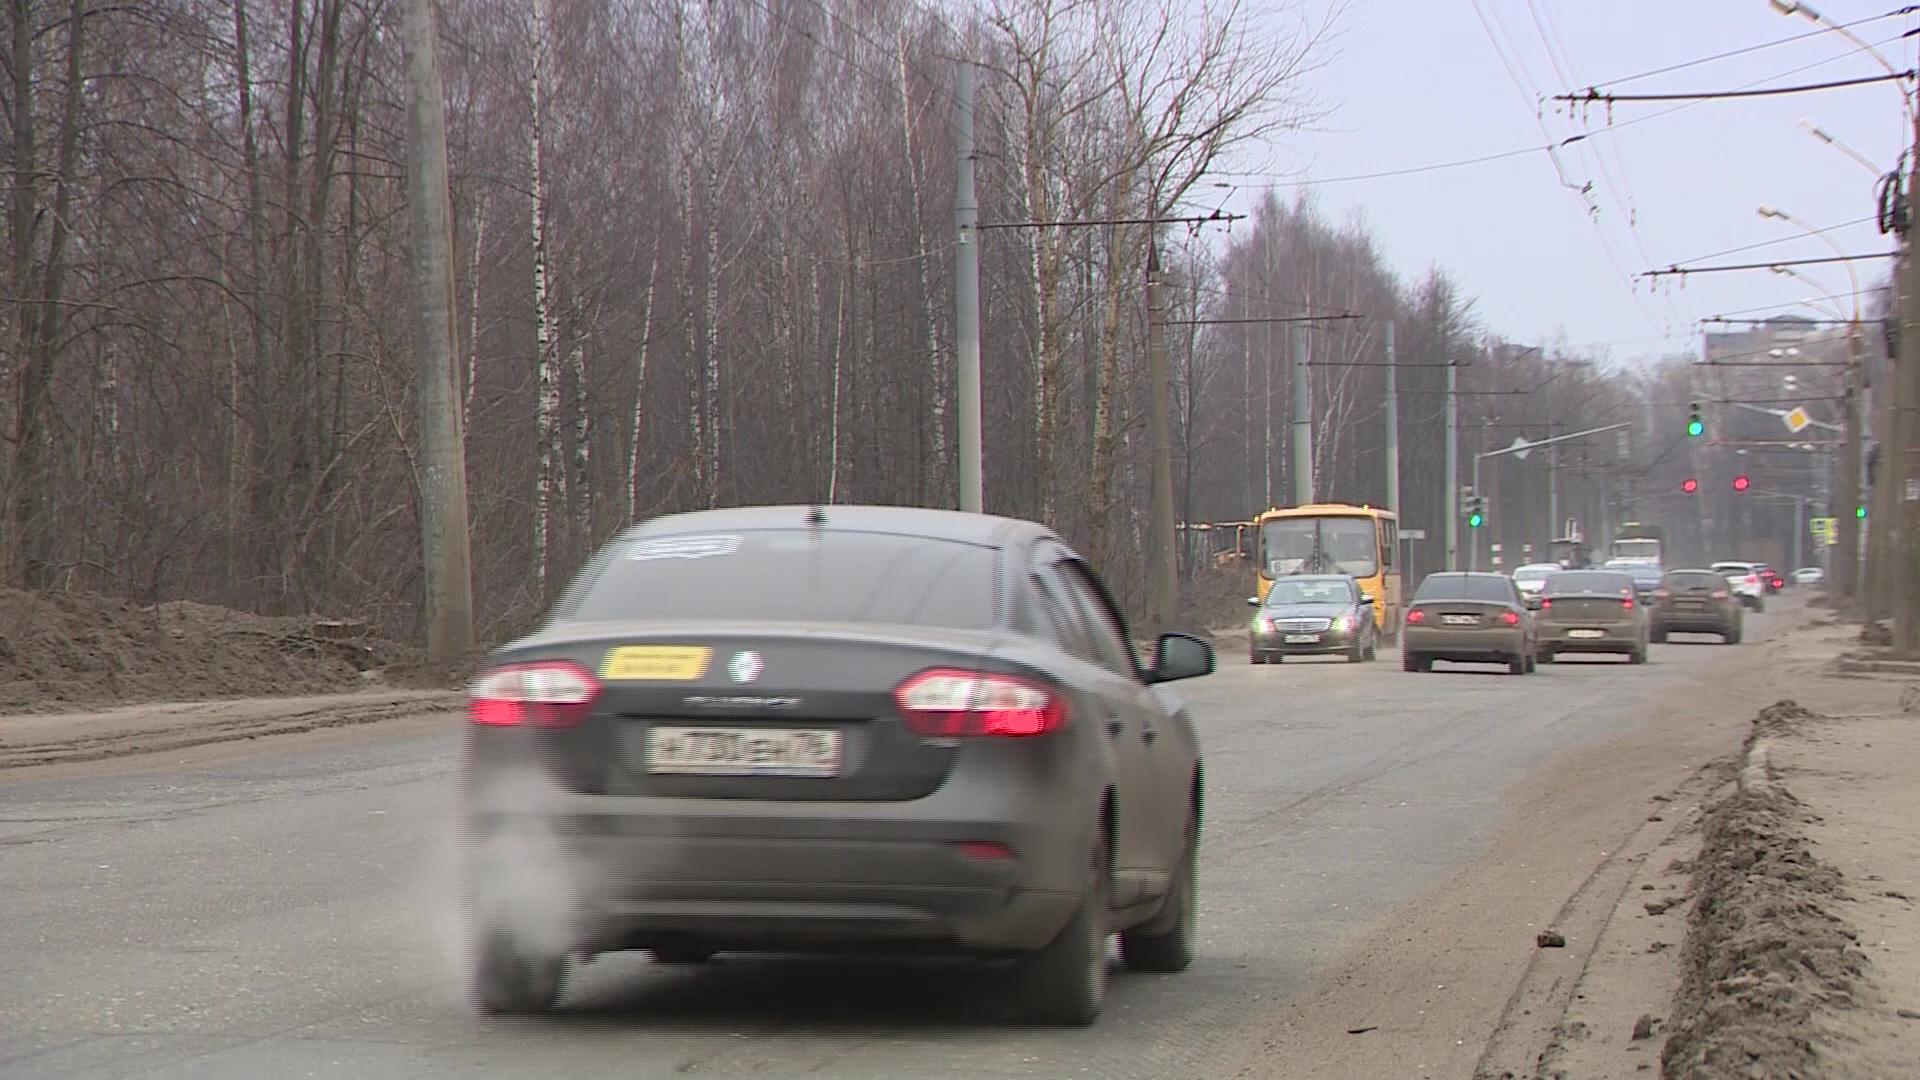 Участок Тутаевского шоссе закрывают: жителям Брагина придется вновь стоять в пробках